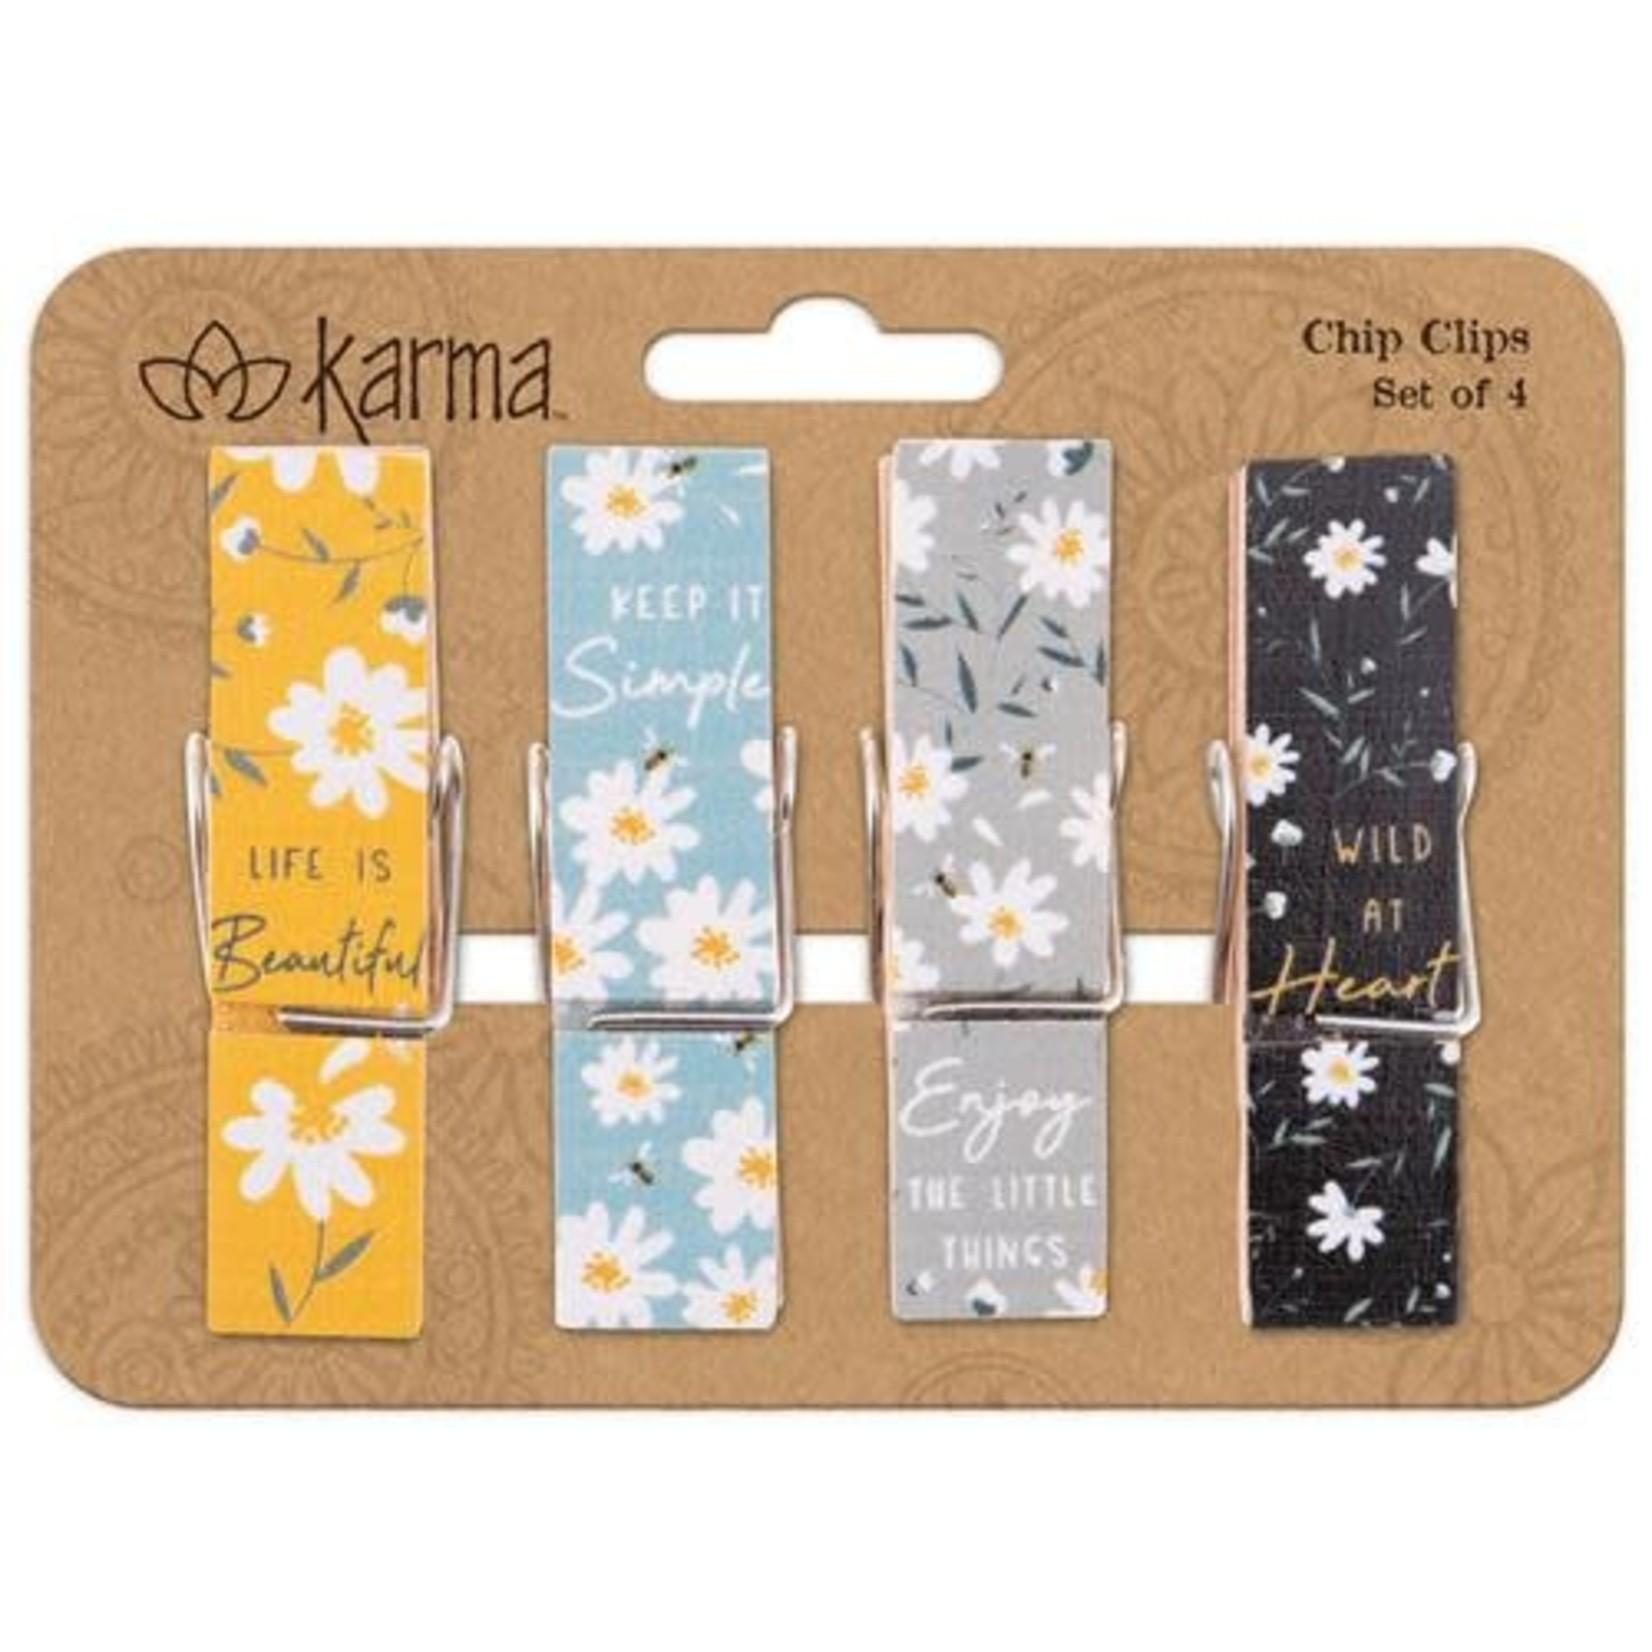 Karma Chip Clips